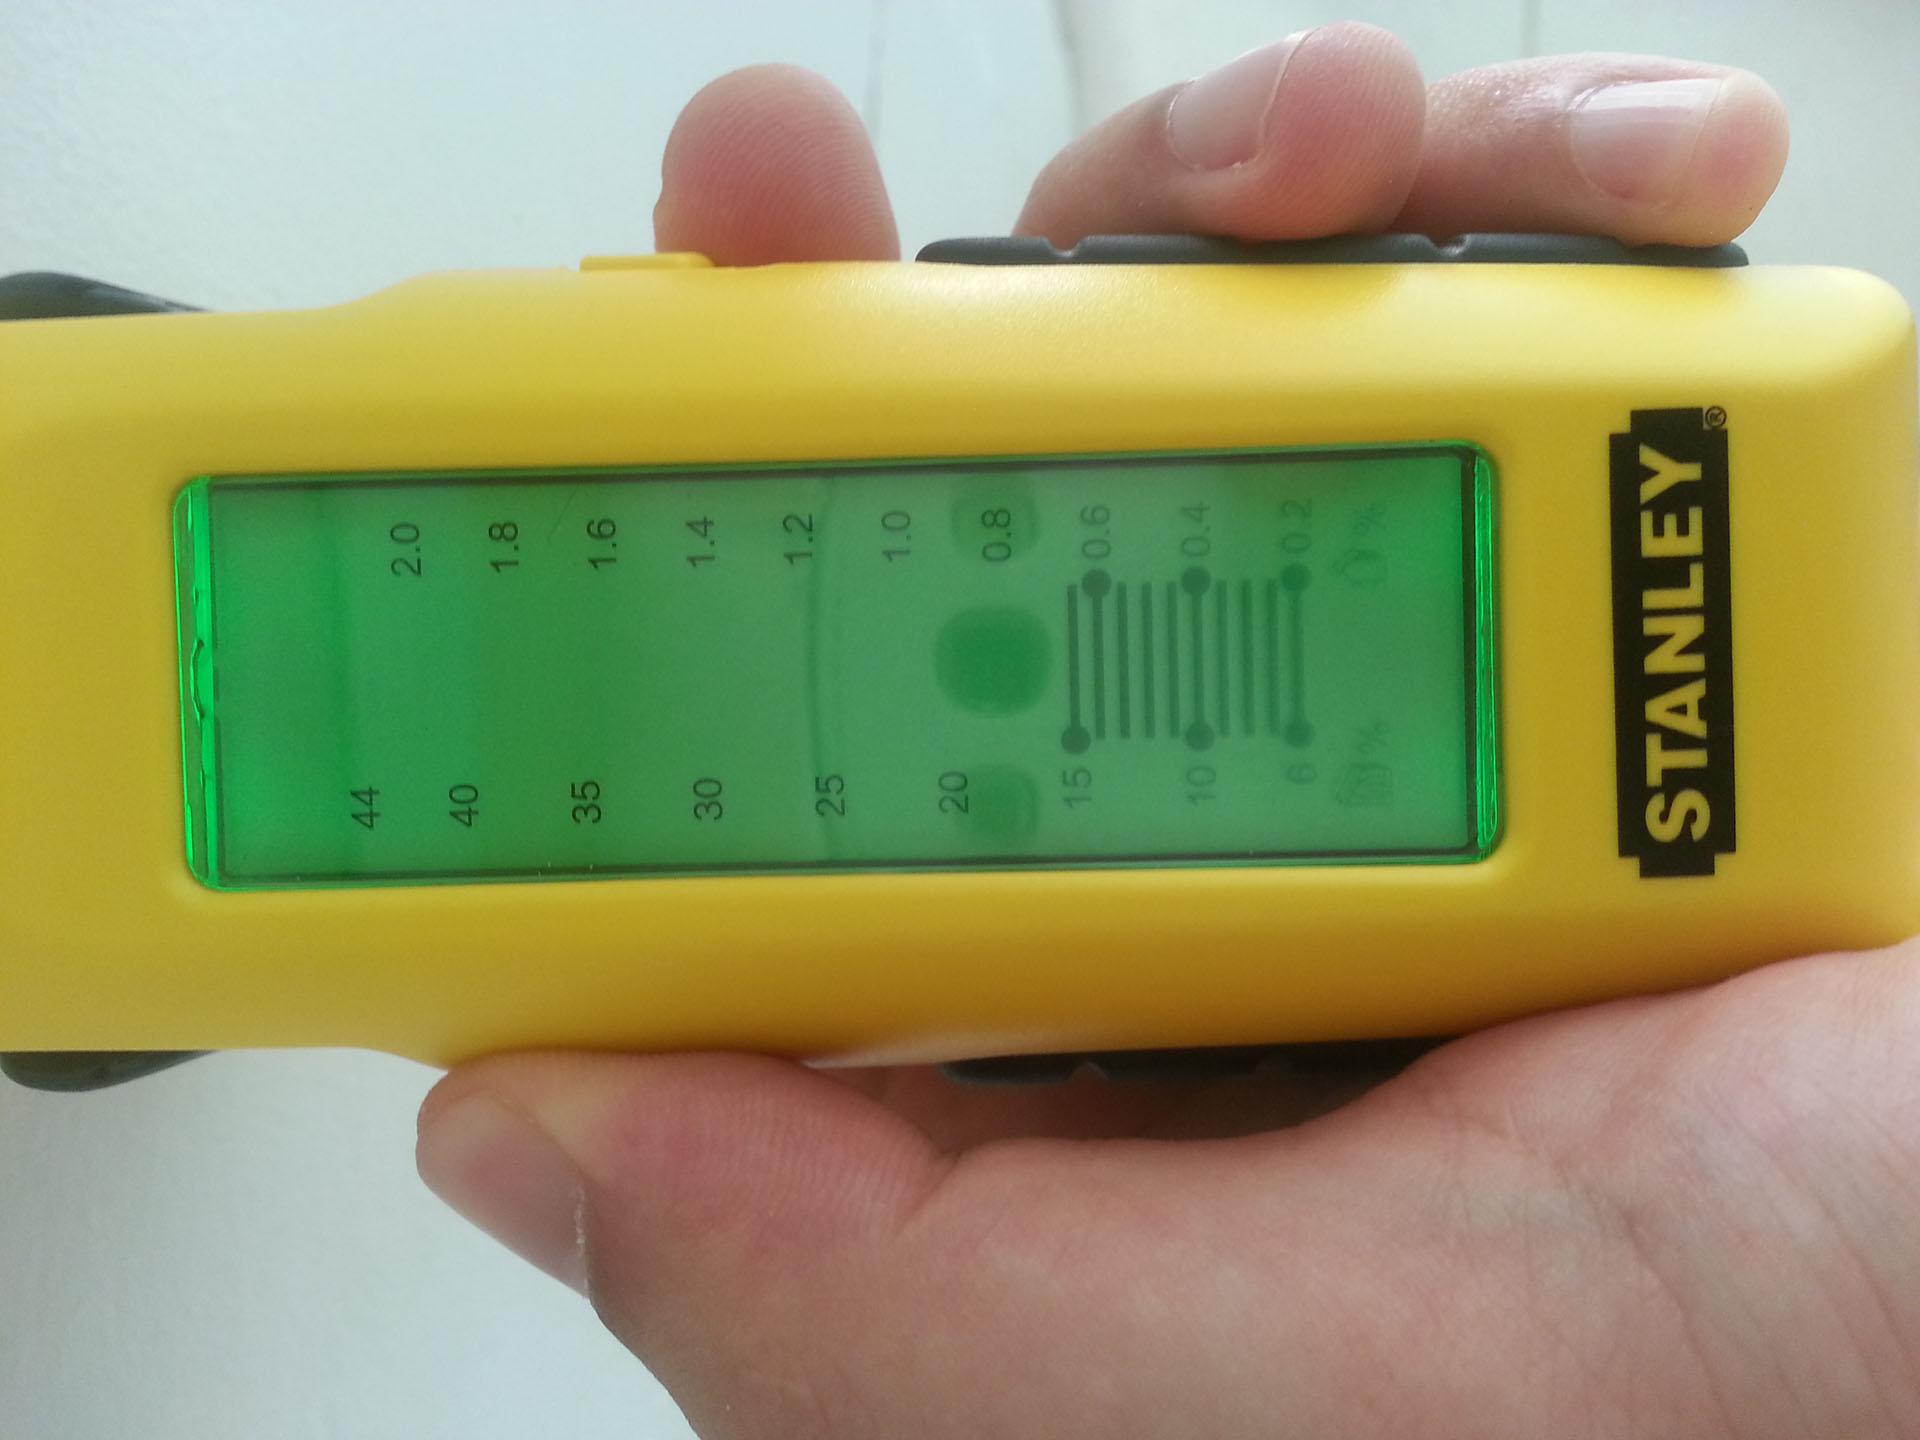 Misuratore d'umidità per rilevare l'umidità delle pareti